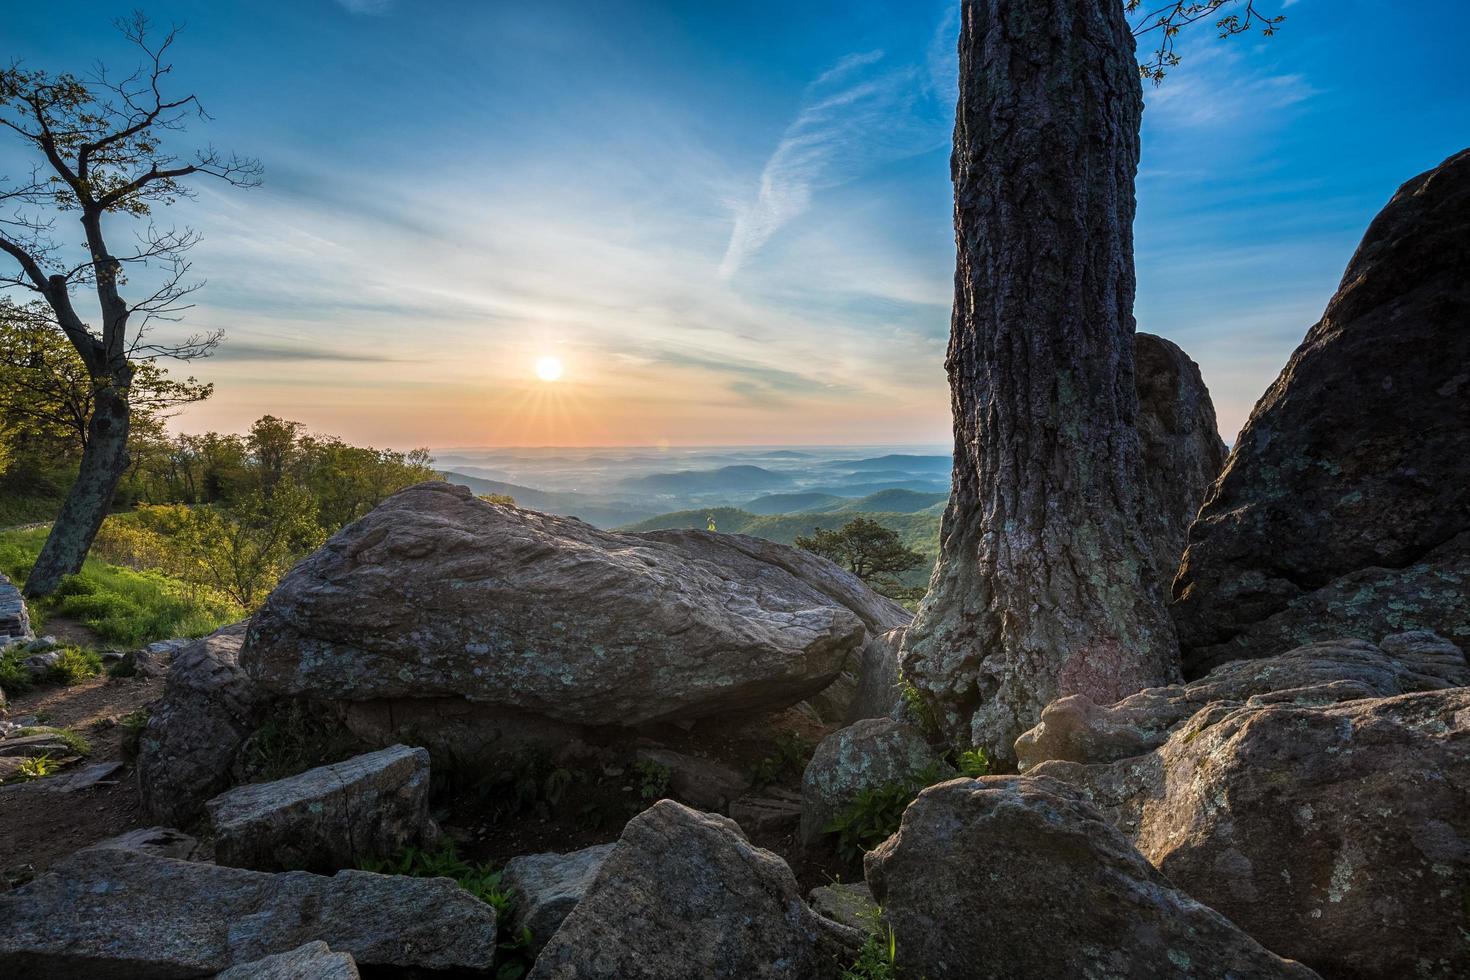 Lever du soleil au parc national de Shenandoah en Virginie photo